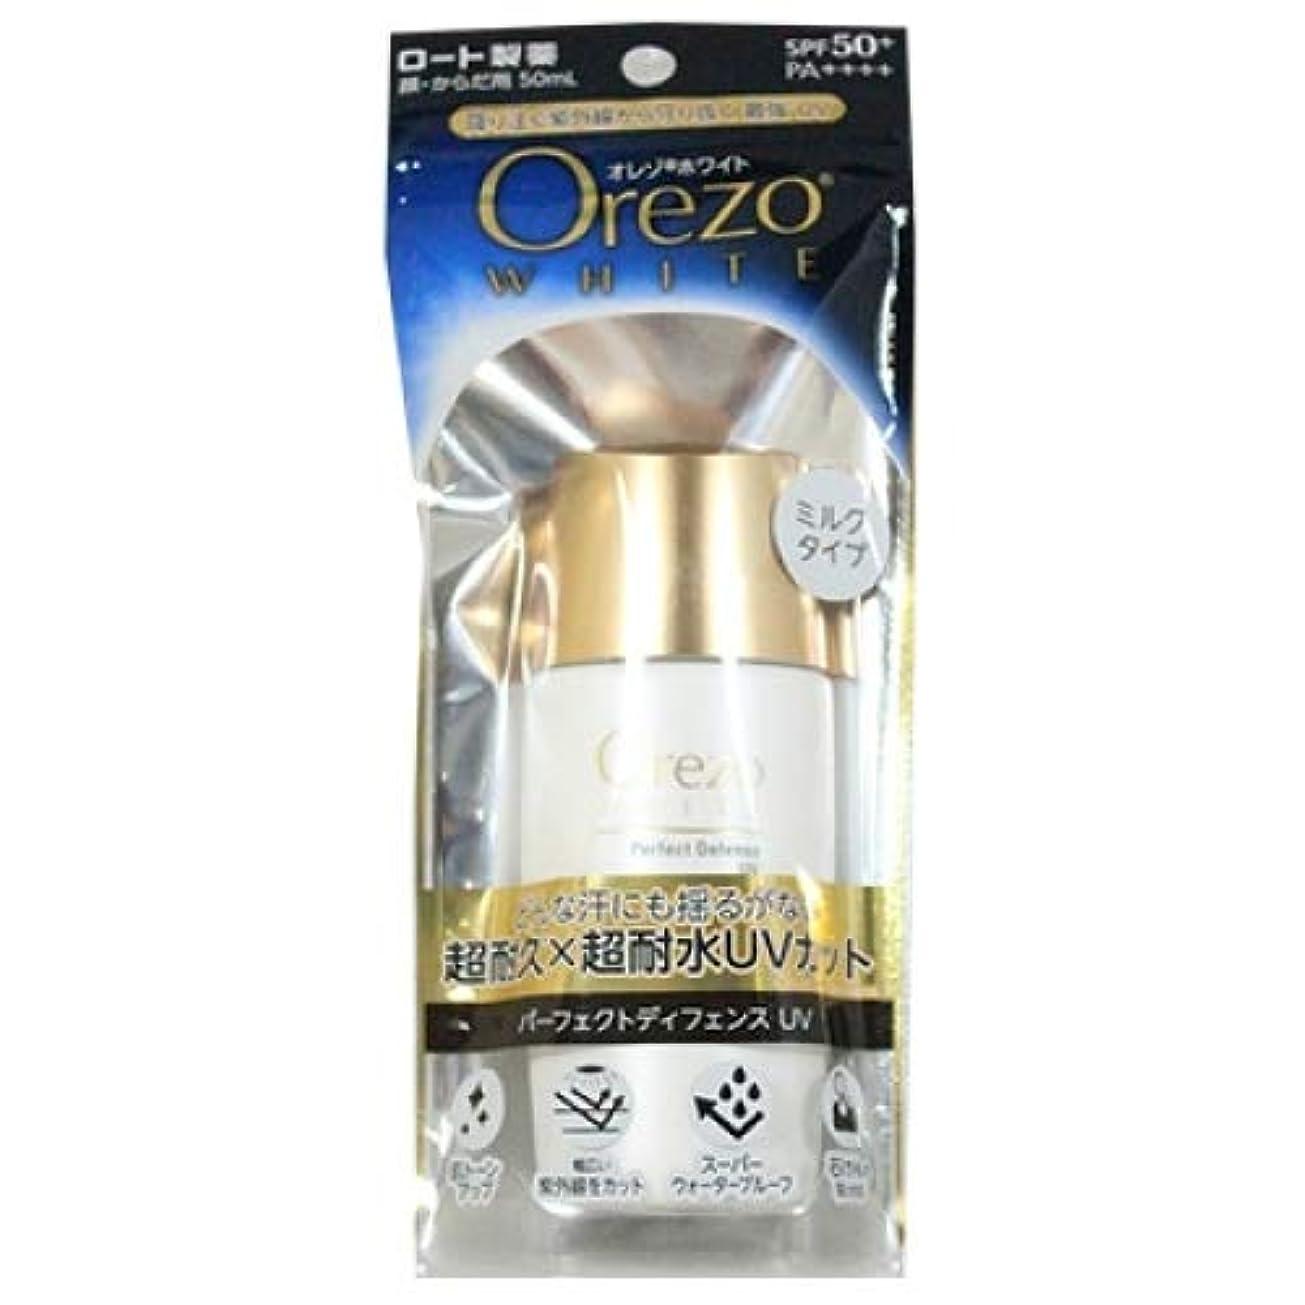 長いです密イソギンチャクロート製薬 Orezo オレゾ ホワイト パーフェクトディフェンスUVa SPF50+ PA++++ (50mL)